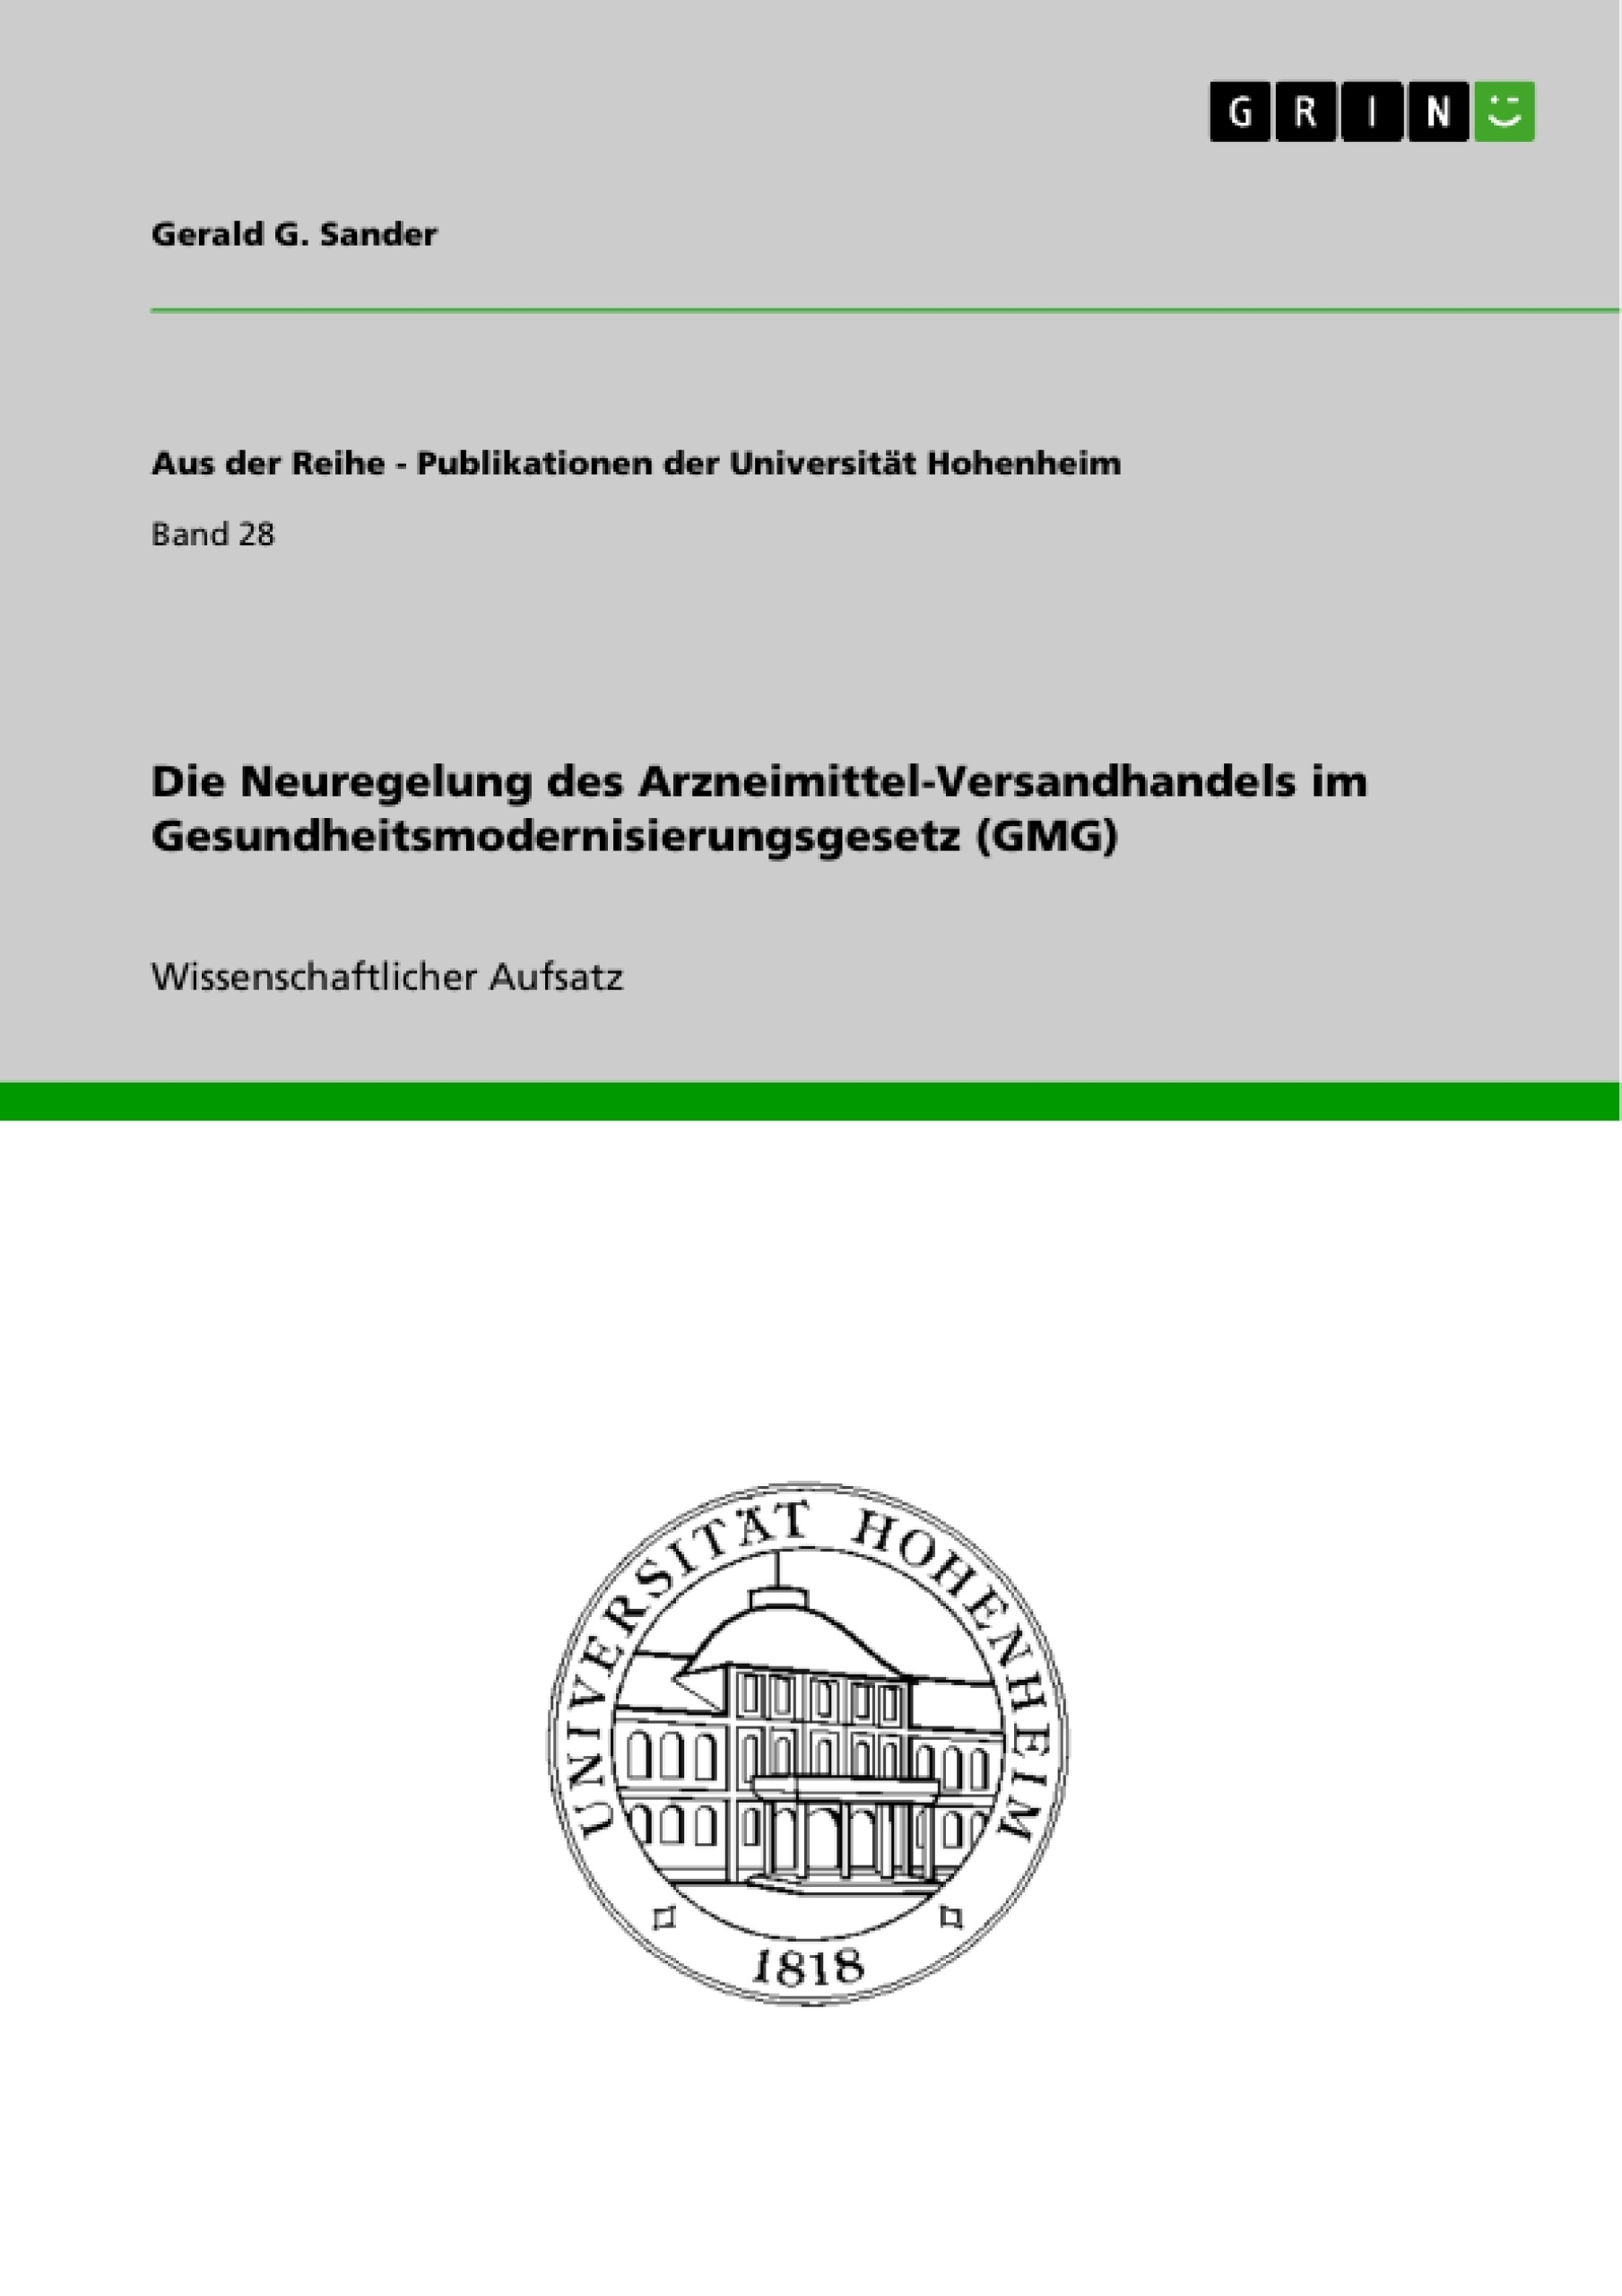 Titel: Die Neuregelung des Arzneimittel-Versandhandels im Gesundheitsmodernisierungsgesetz (GMG)